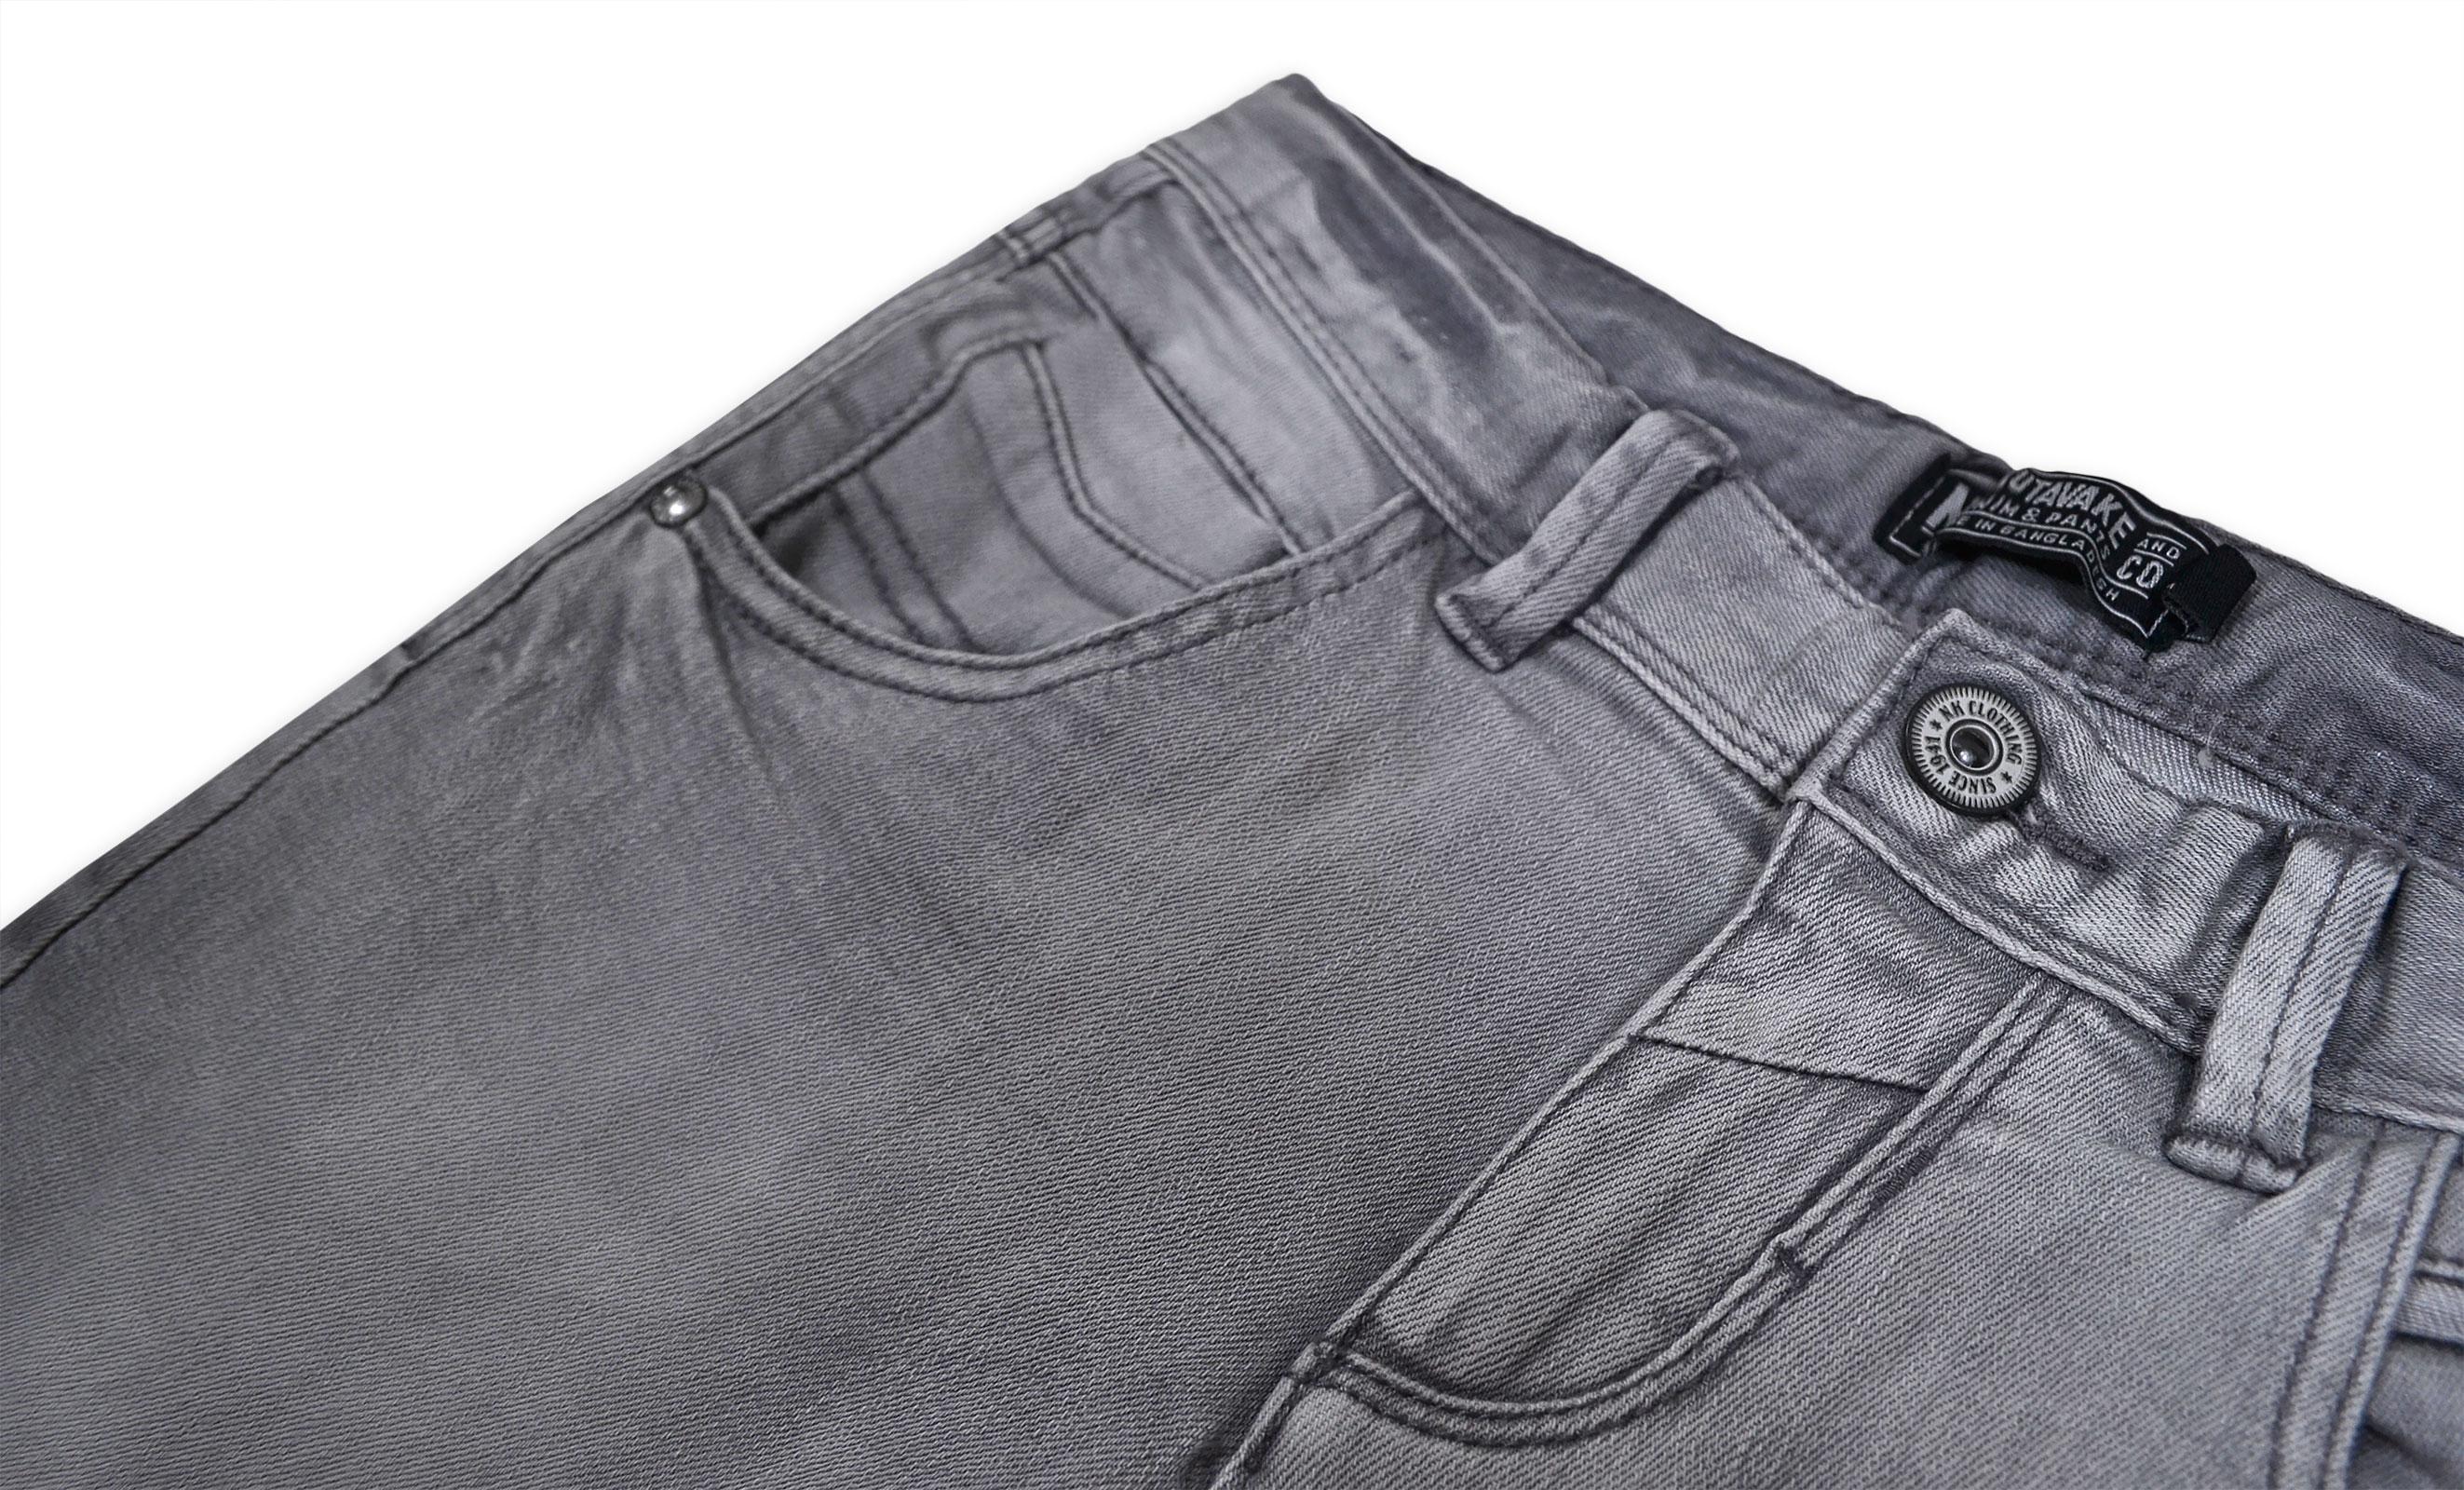 Garcons-Neuf-Gris-Short-d-039-ete-Enfant-Denim-Jeans-Longueur-Genou-Demi-Pantalon-Age-8-16-Ans miniature 3